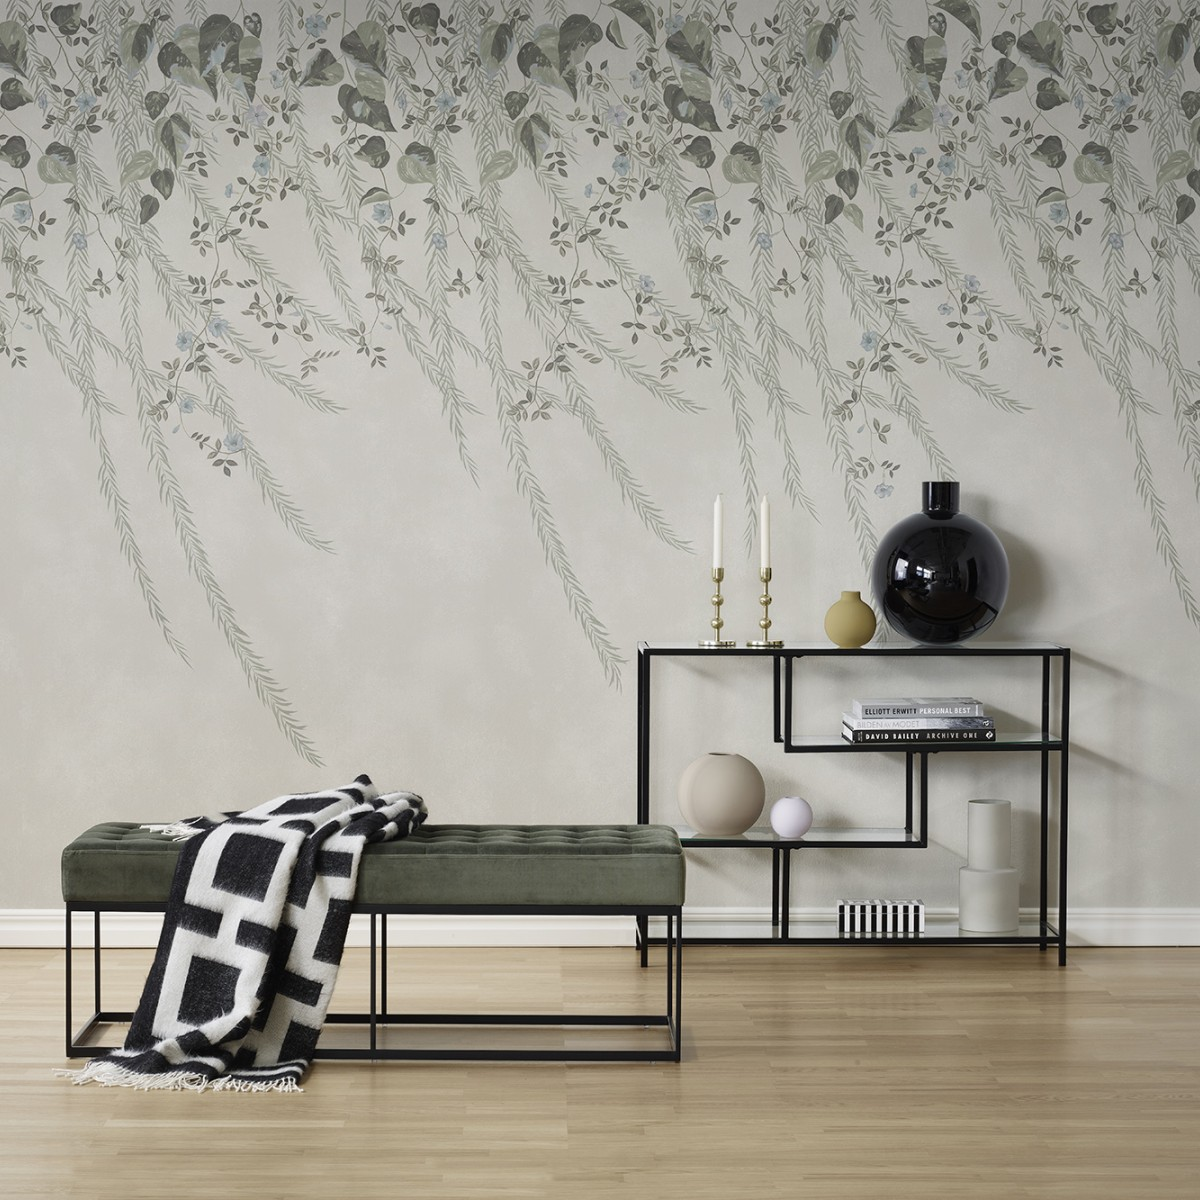 Fototapet Lush Foliage Sage Tint, personalizat, Rebel Walls